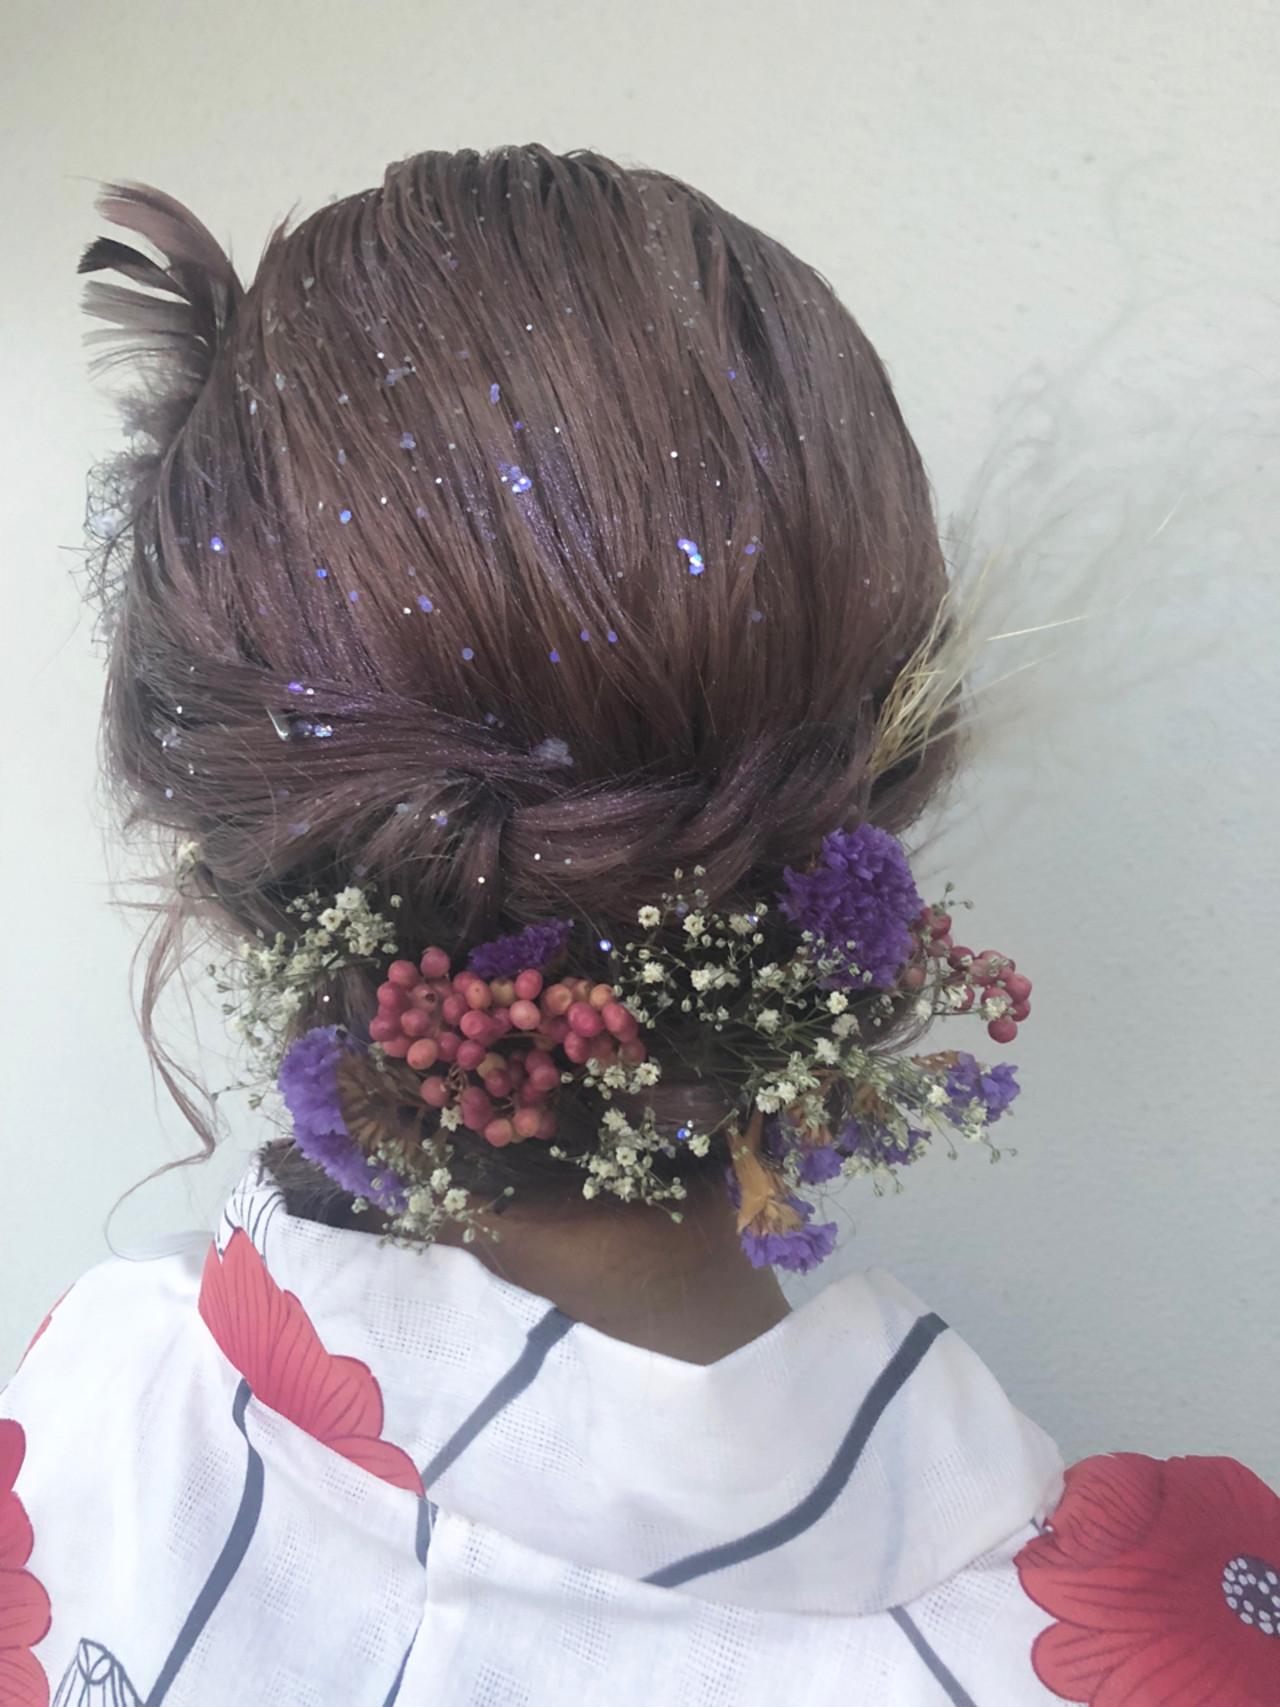 セミロング 成人式 ガーリー ドライフラワー ヘアスタイルや髪型の写真・画像